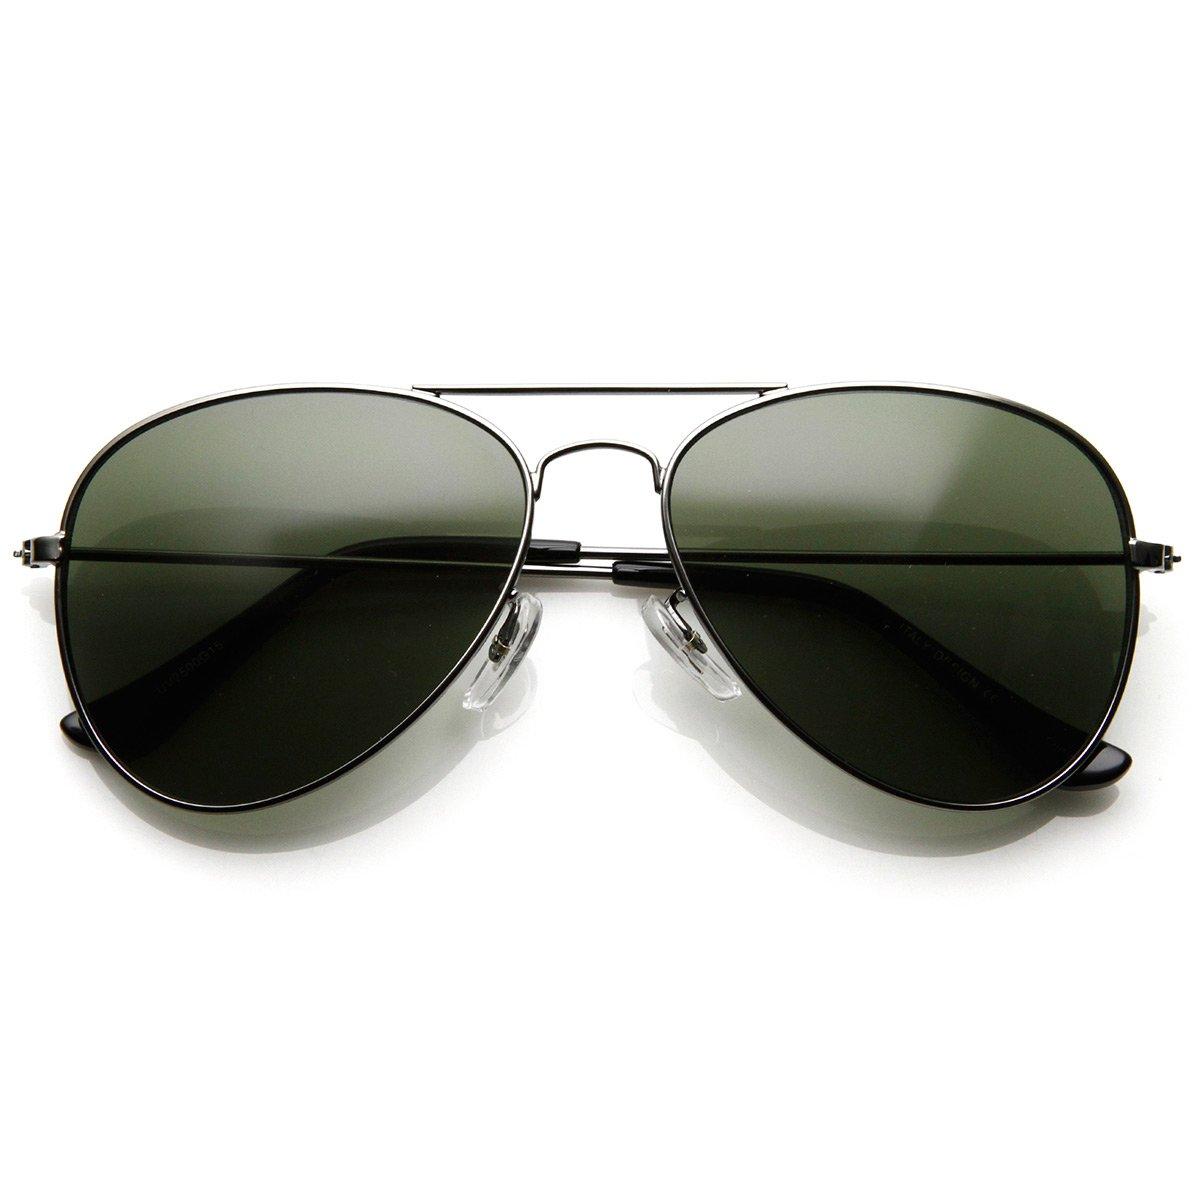 FrameworkHerren Sonnenbrille Gunmetal 9F2LyF